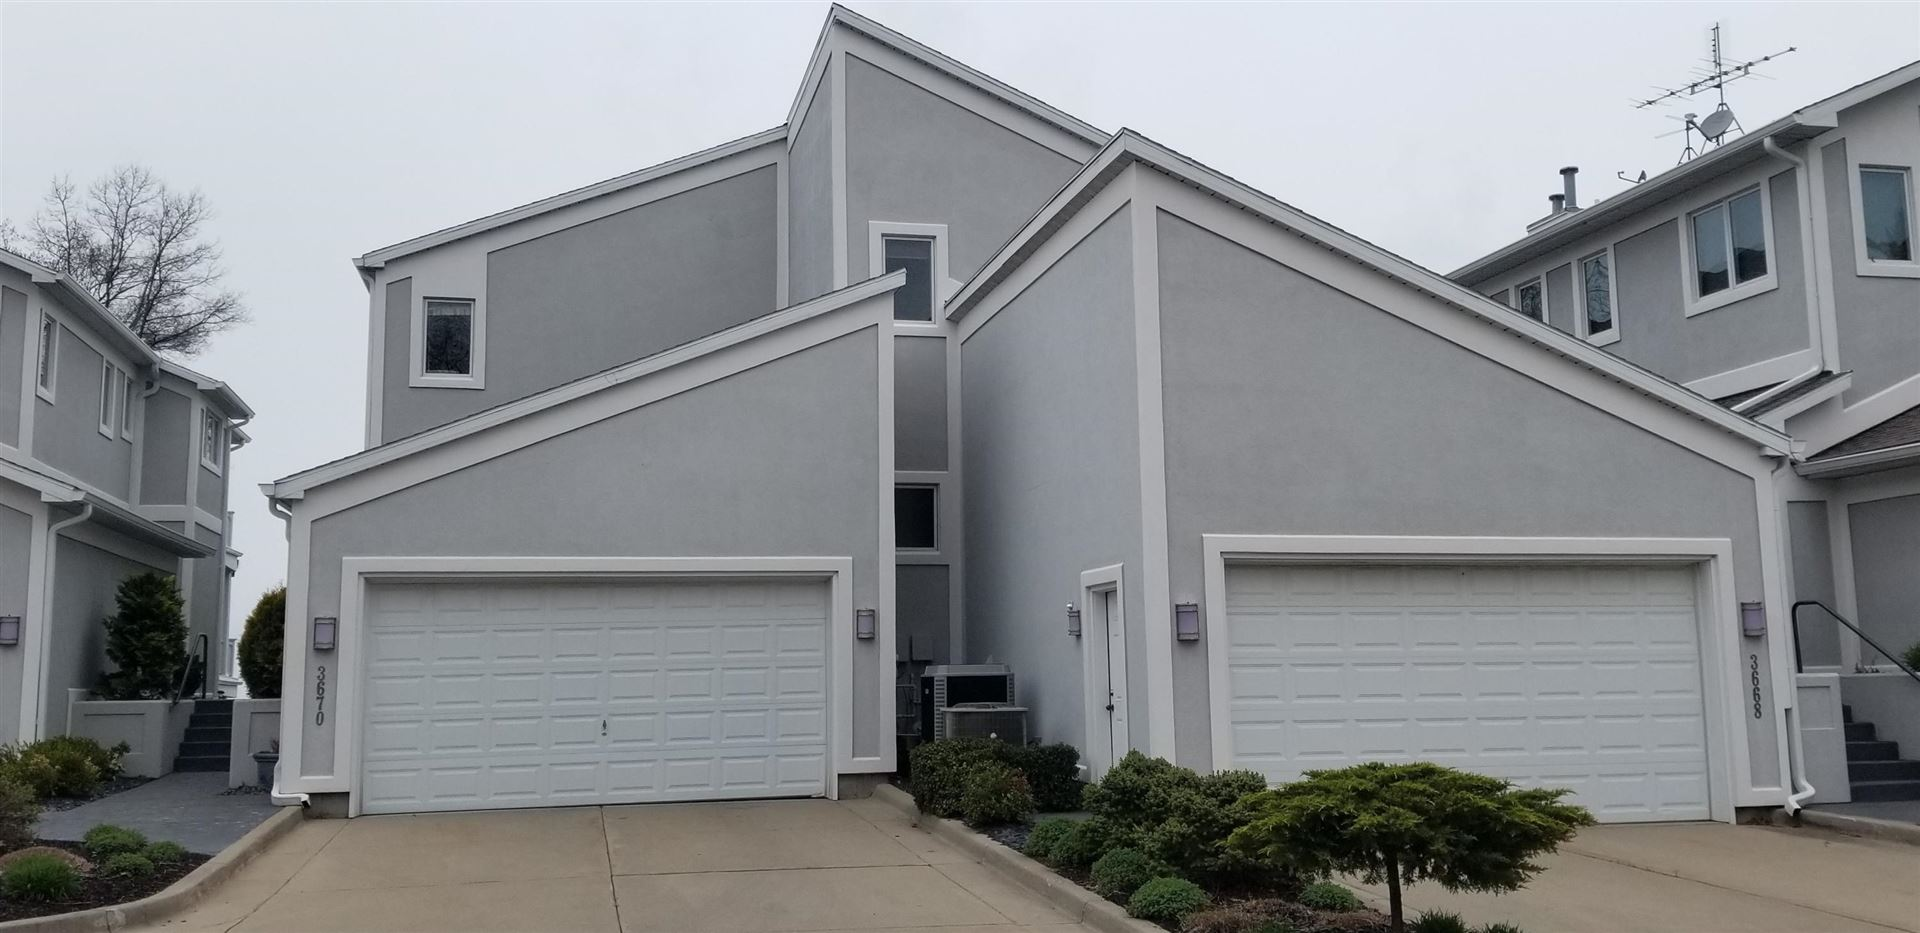 3670 Woodgate Drive, Saint Joseph, MI 49085 - MLS#: 21013055